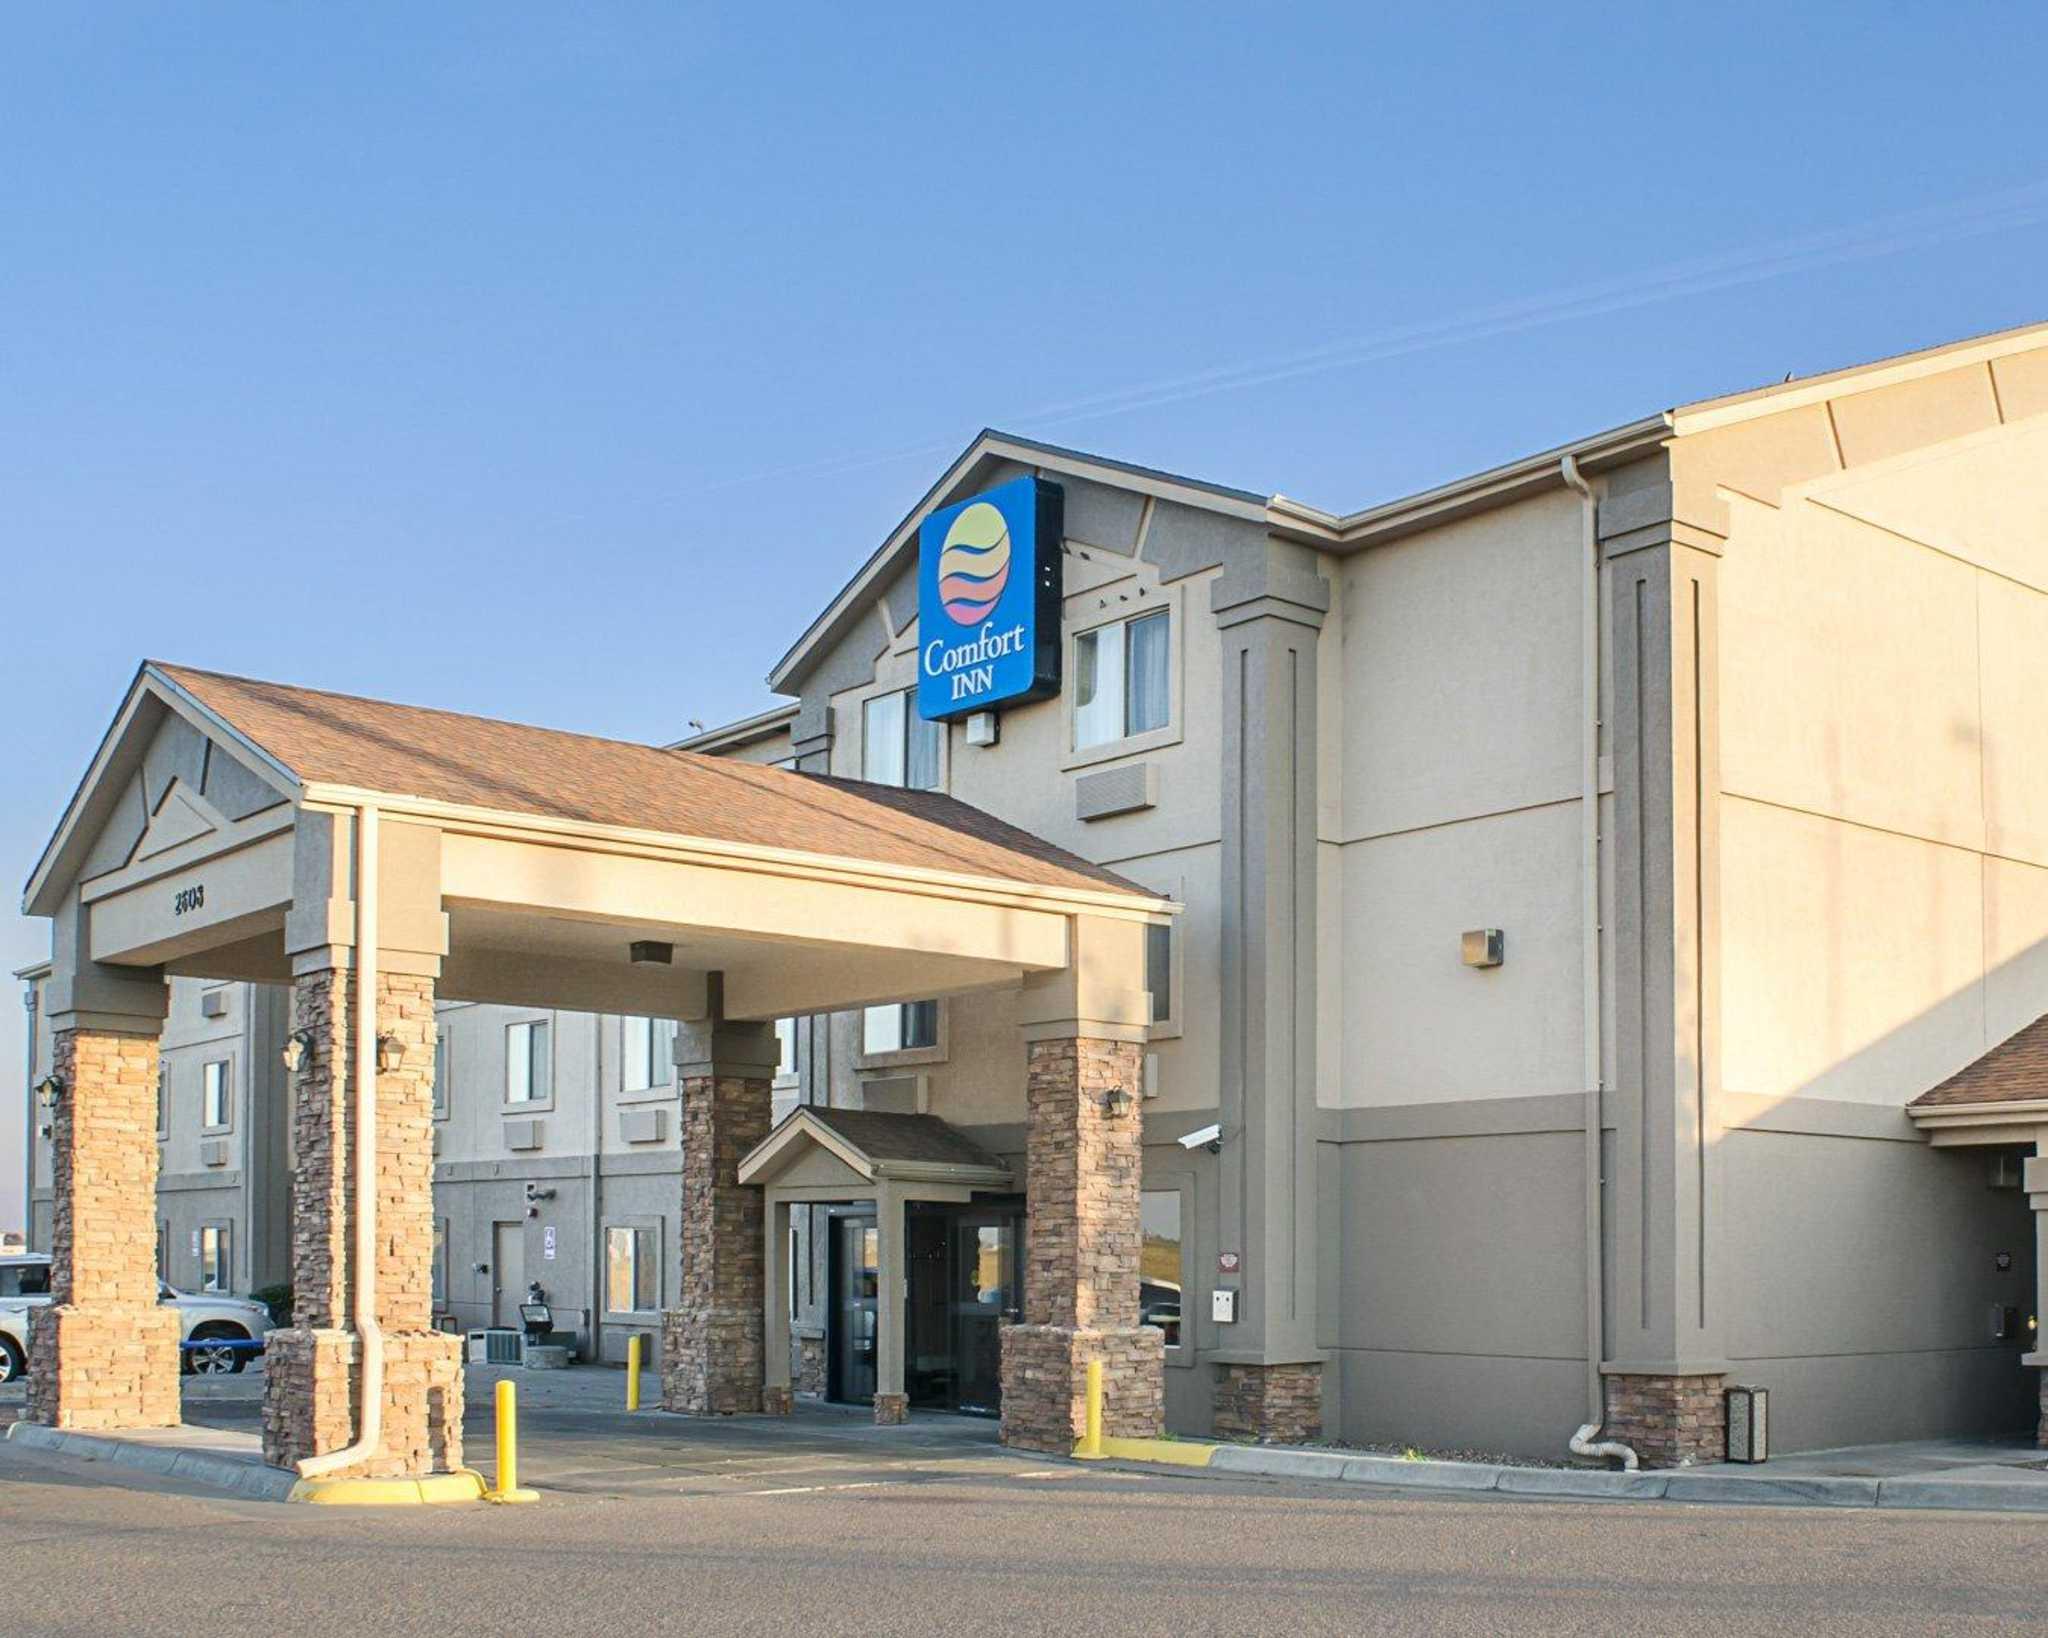 Comfort Inn In Garden City Ks 620 275 5